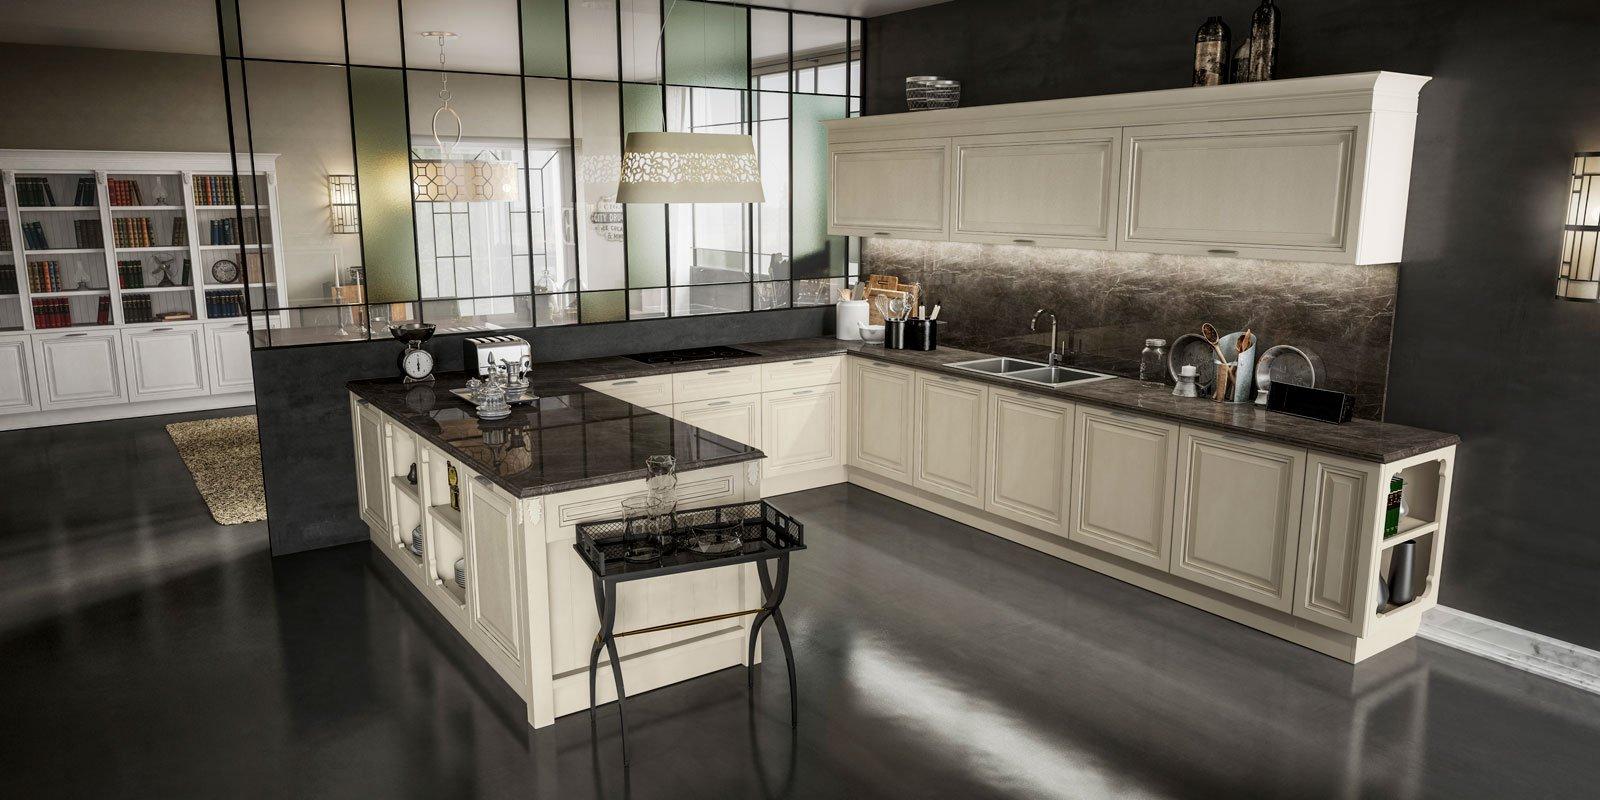 Cucine classiche in legno o laccate cose di casa - Cucine classiche in legno ...